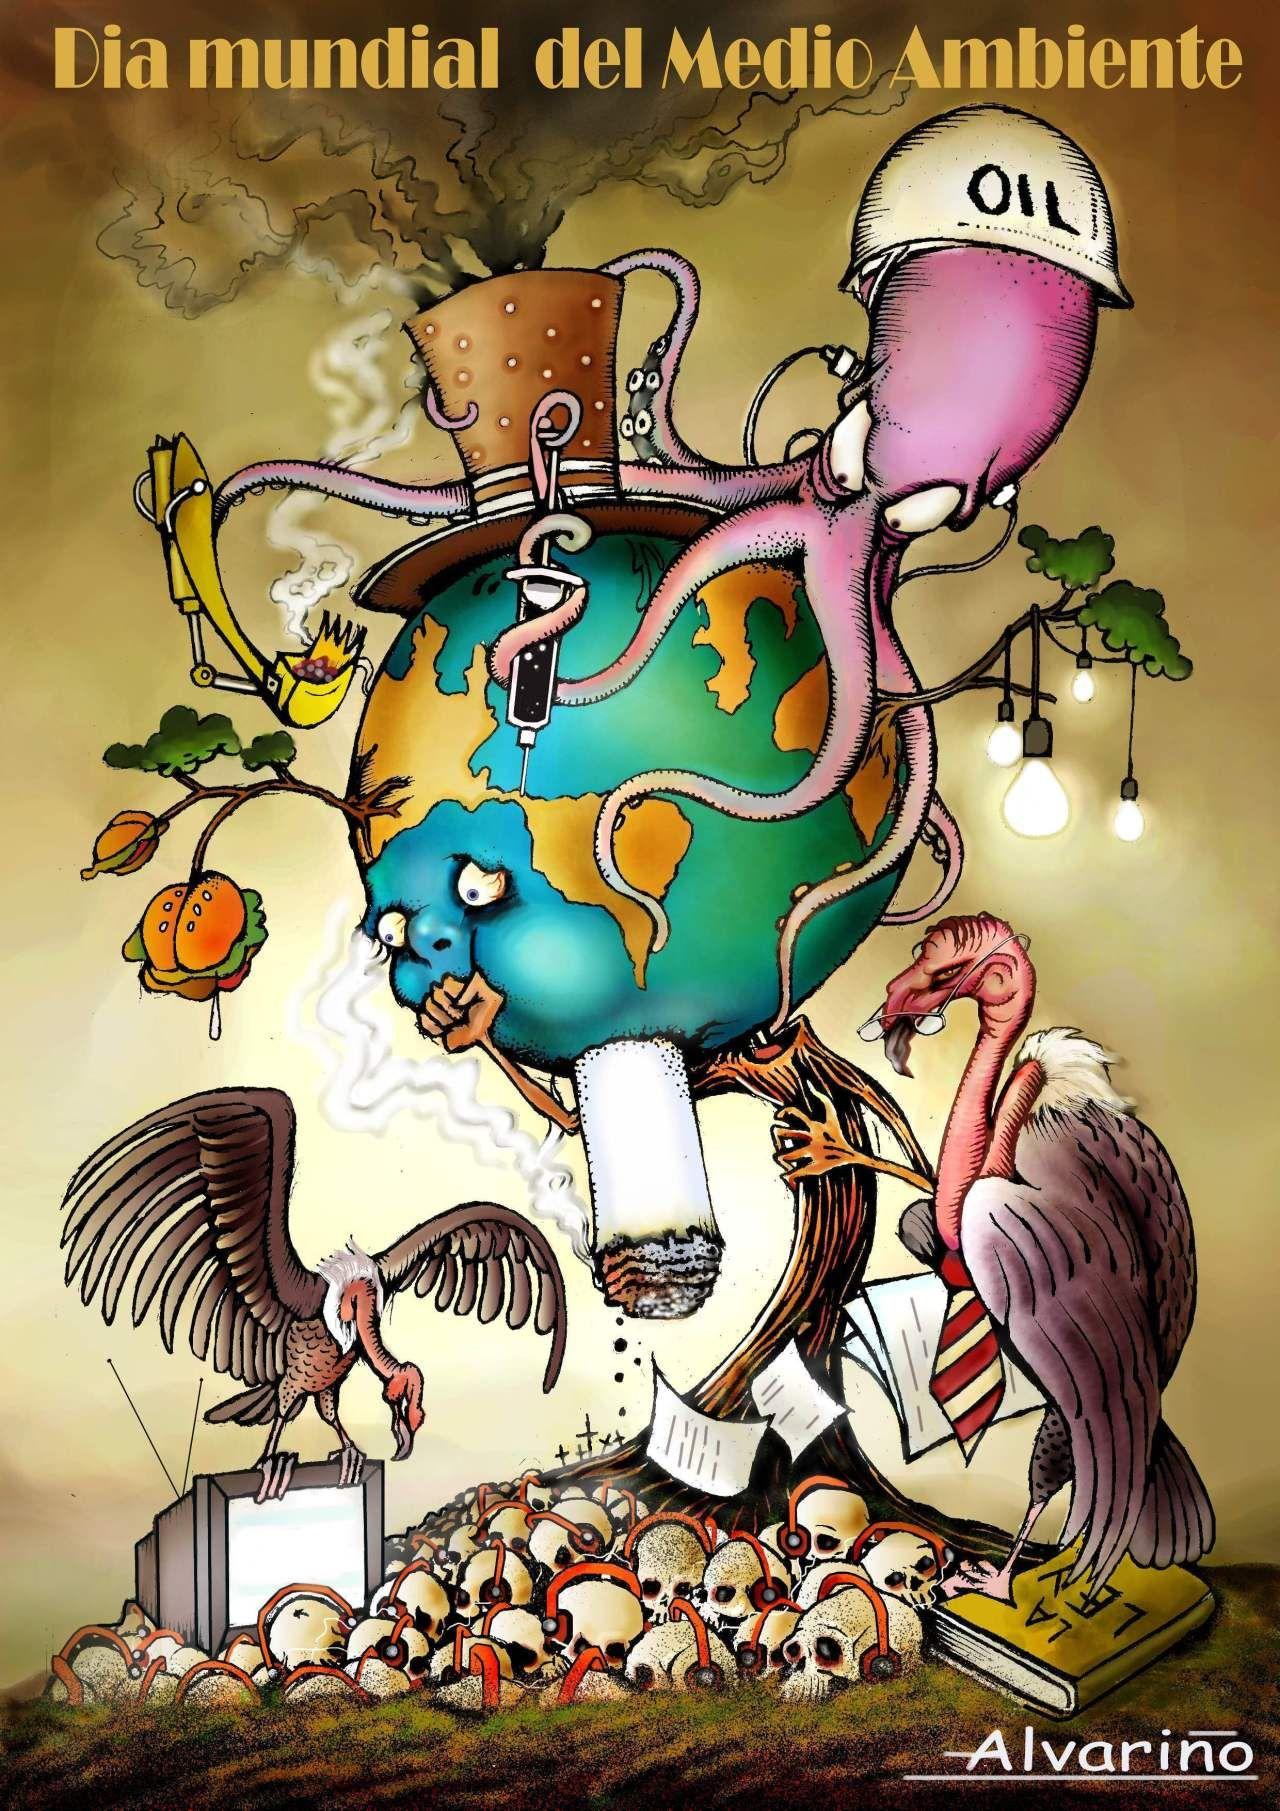 Afiche Del Dia Mundial Del Medio Ambiente Sintactico Ilustracion